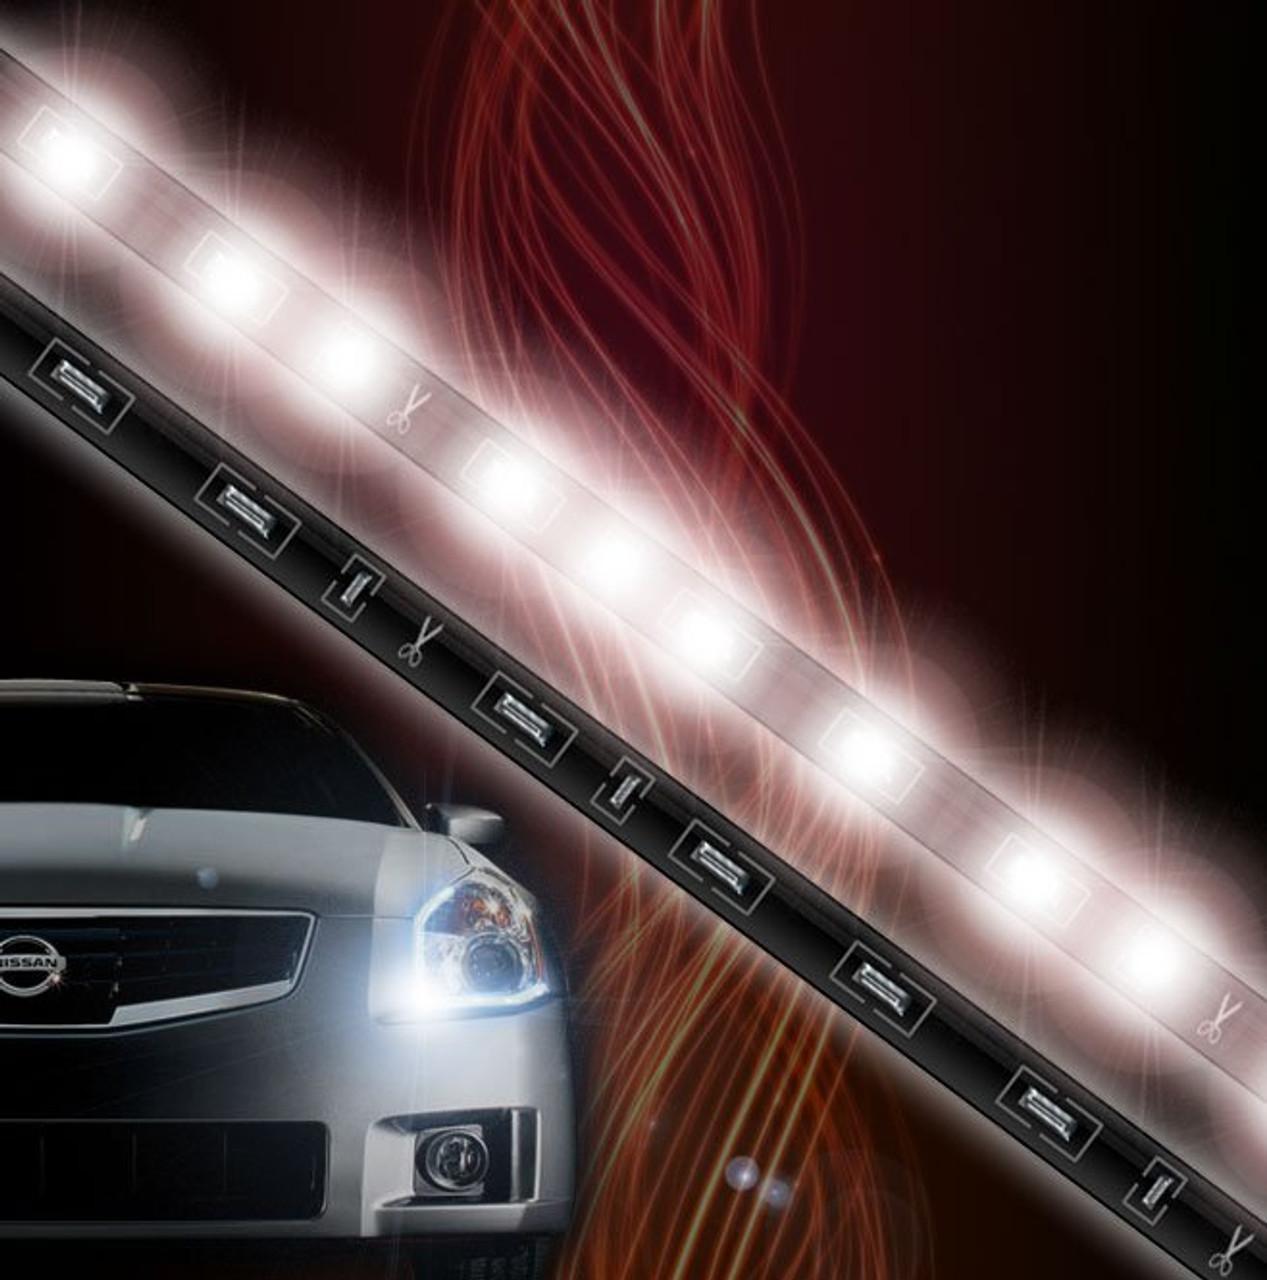 Honda Jazz LED DRL Head Light Strips Daytime Running Lamps Kit